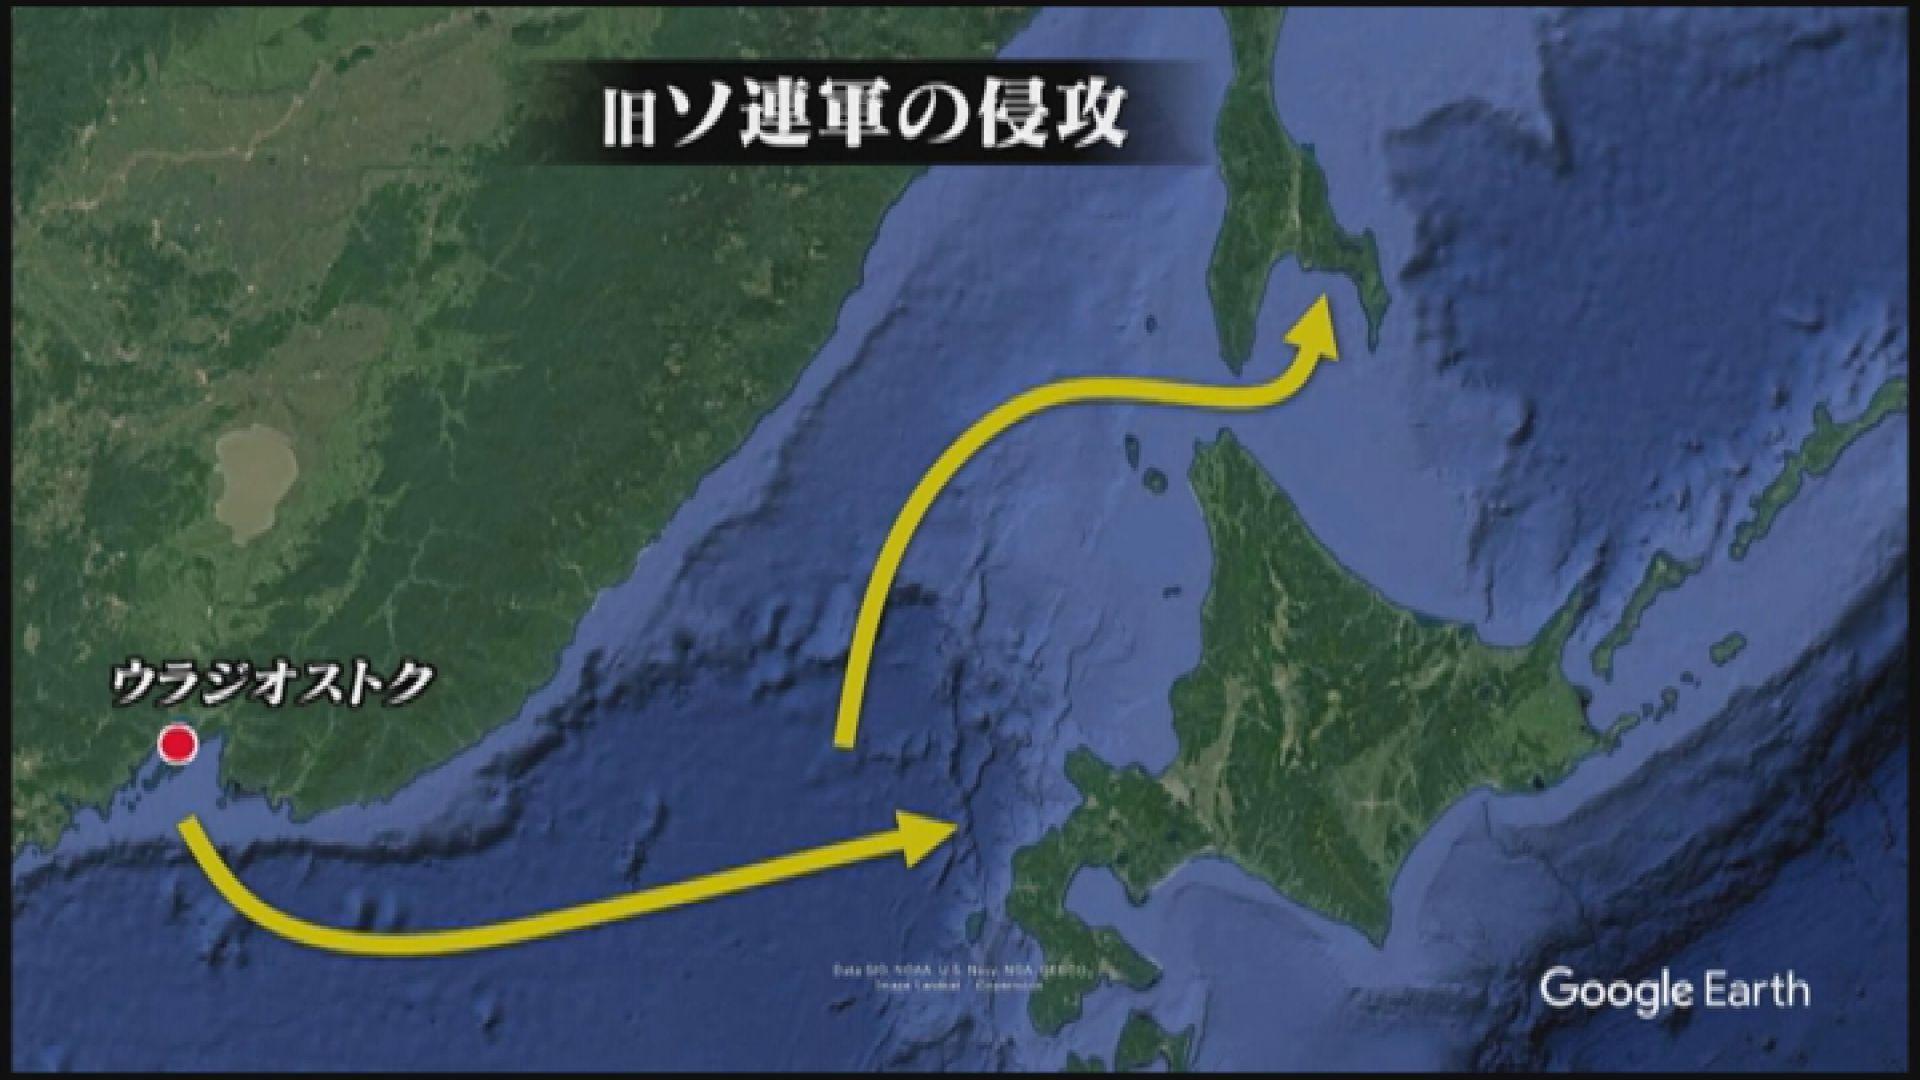 北方領土に侵攻したソ連太平洋艦隊のルート図